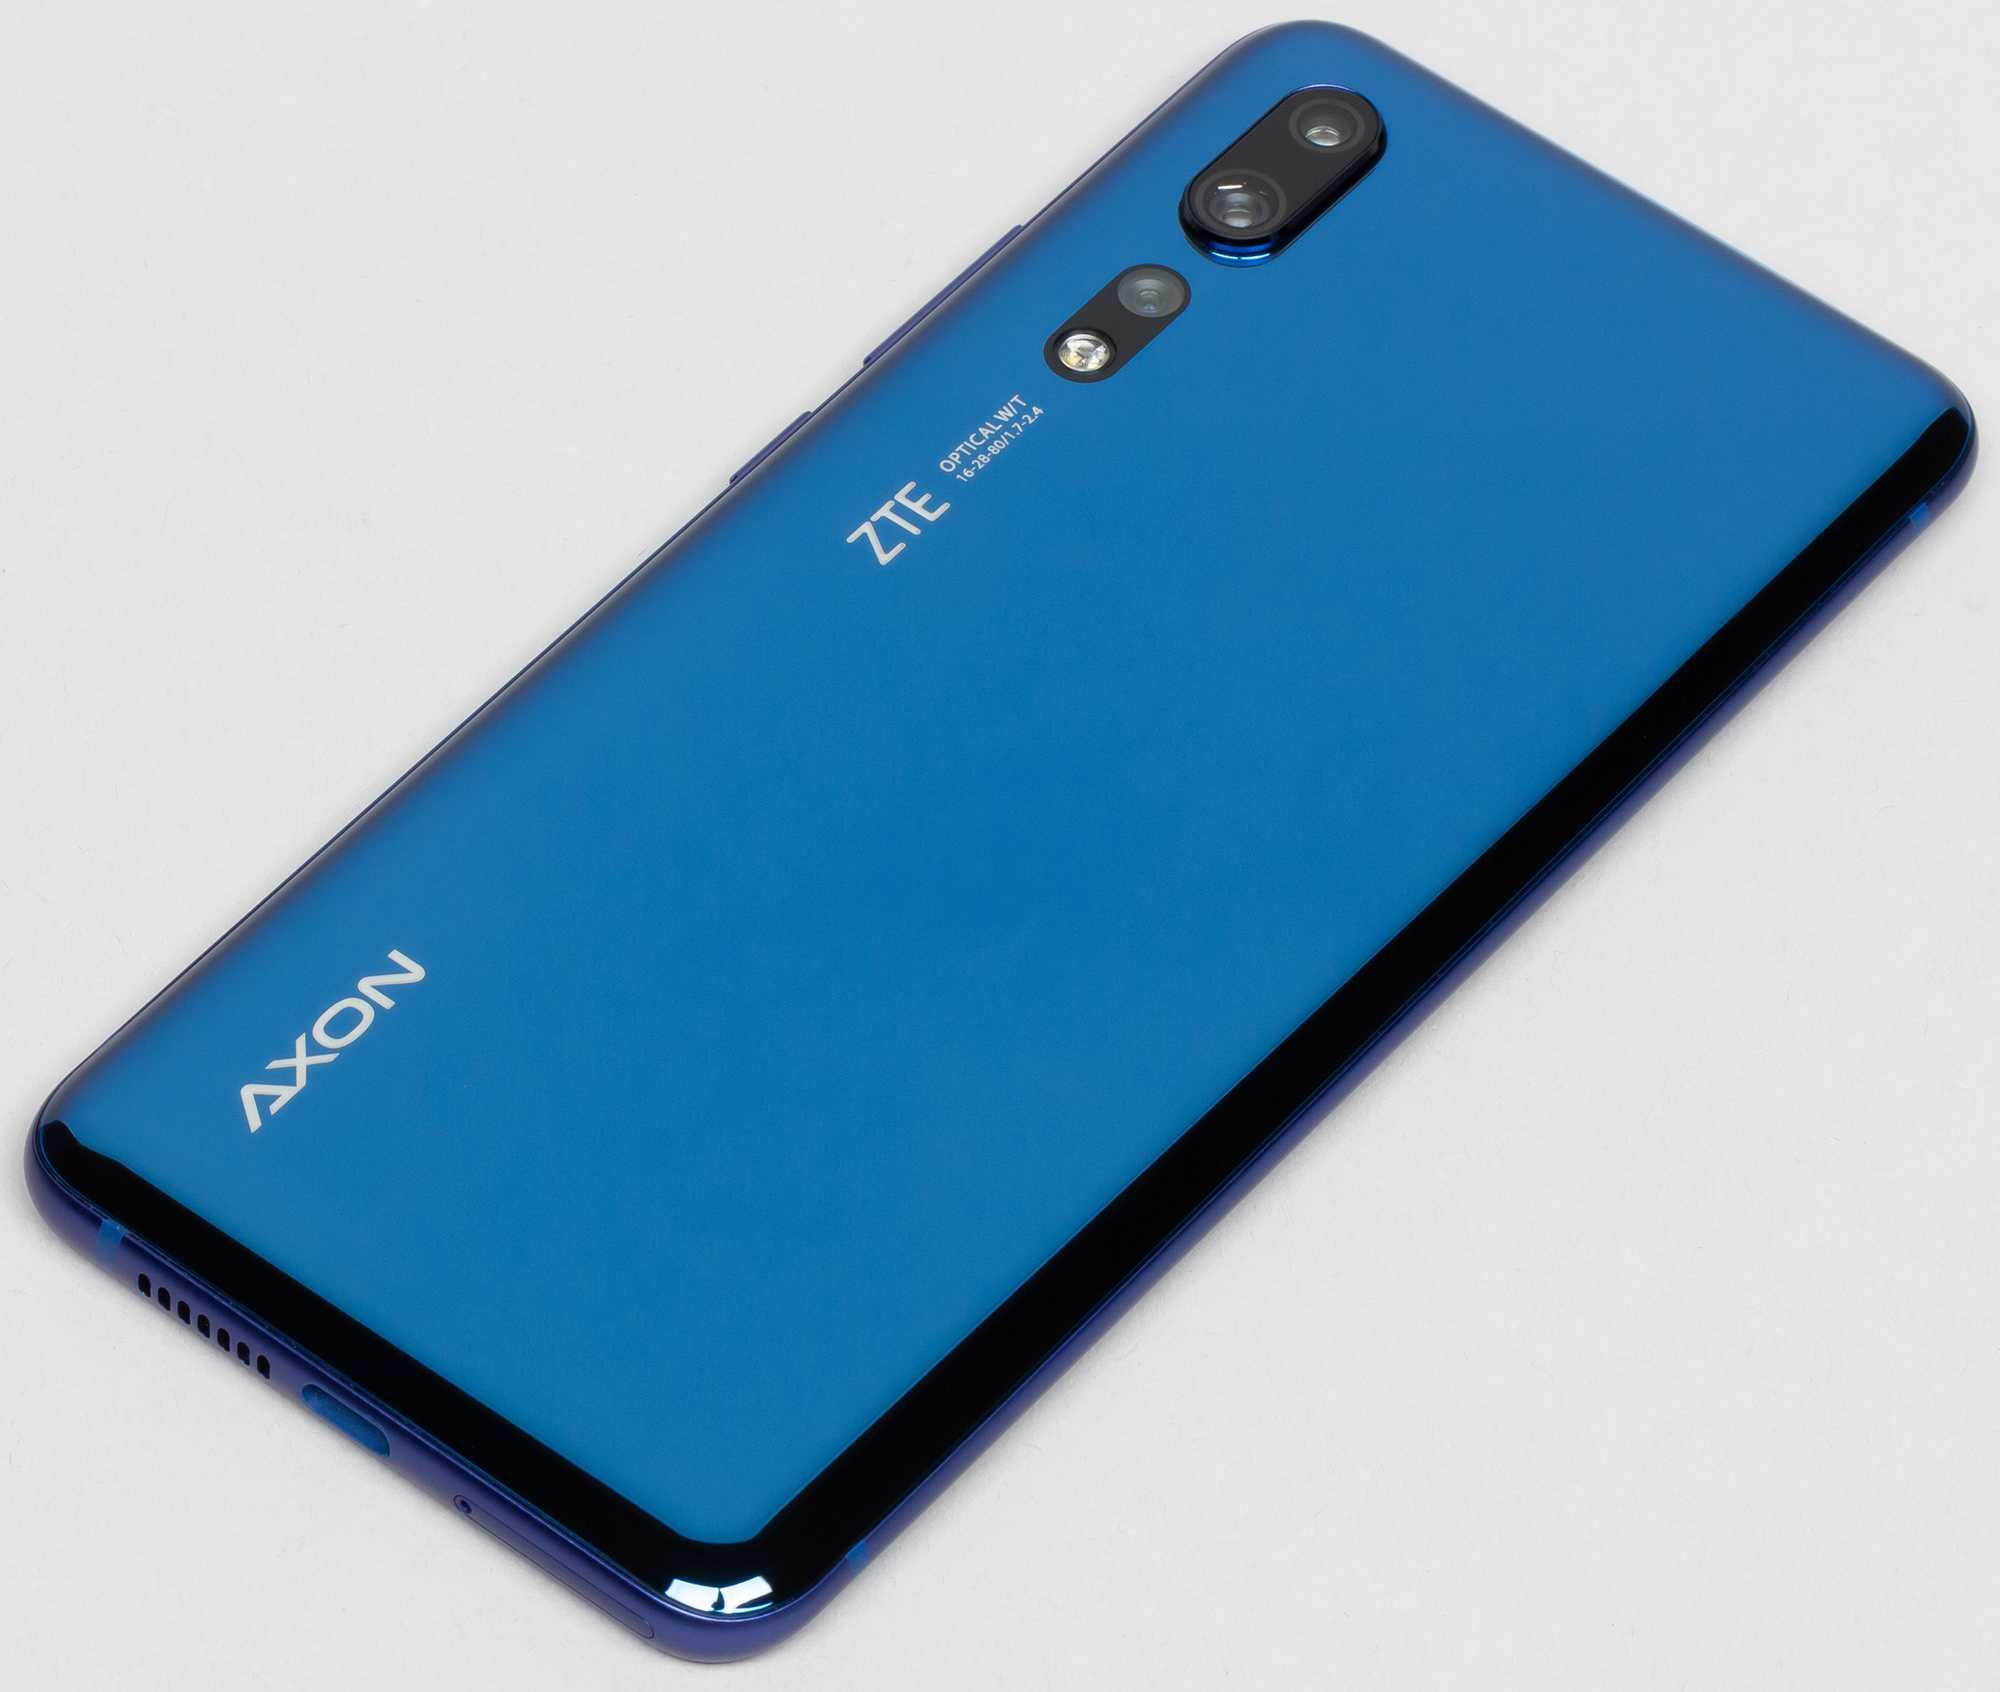 Zte axon 10 pro 5g: красивый, мощный и быстрый / мобильные устройства / новости фототехники